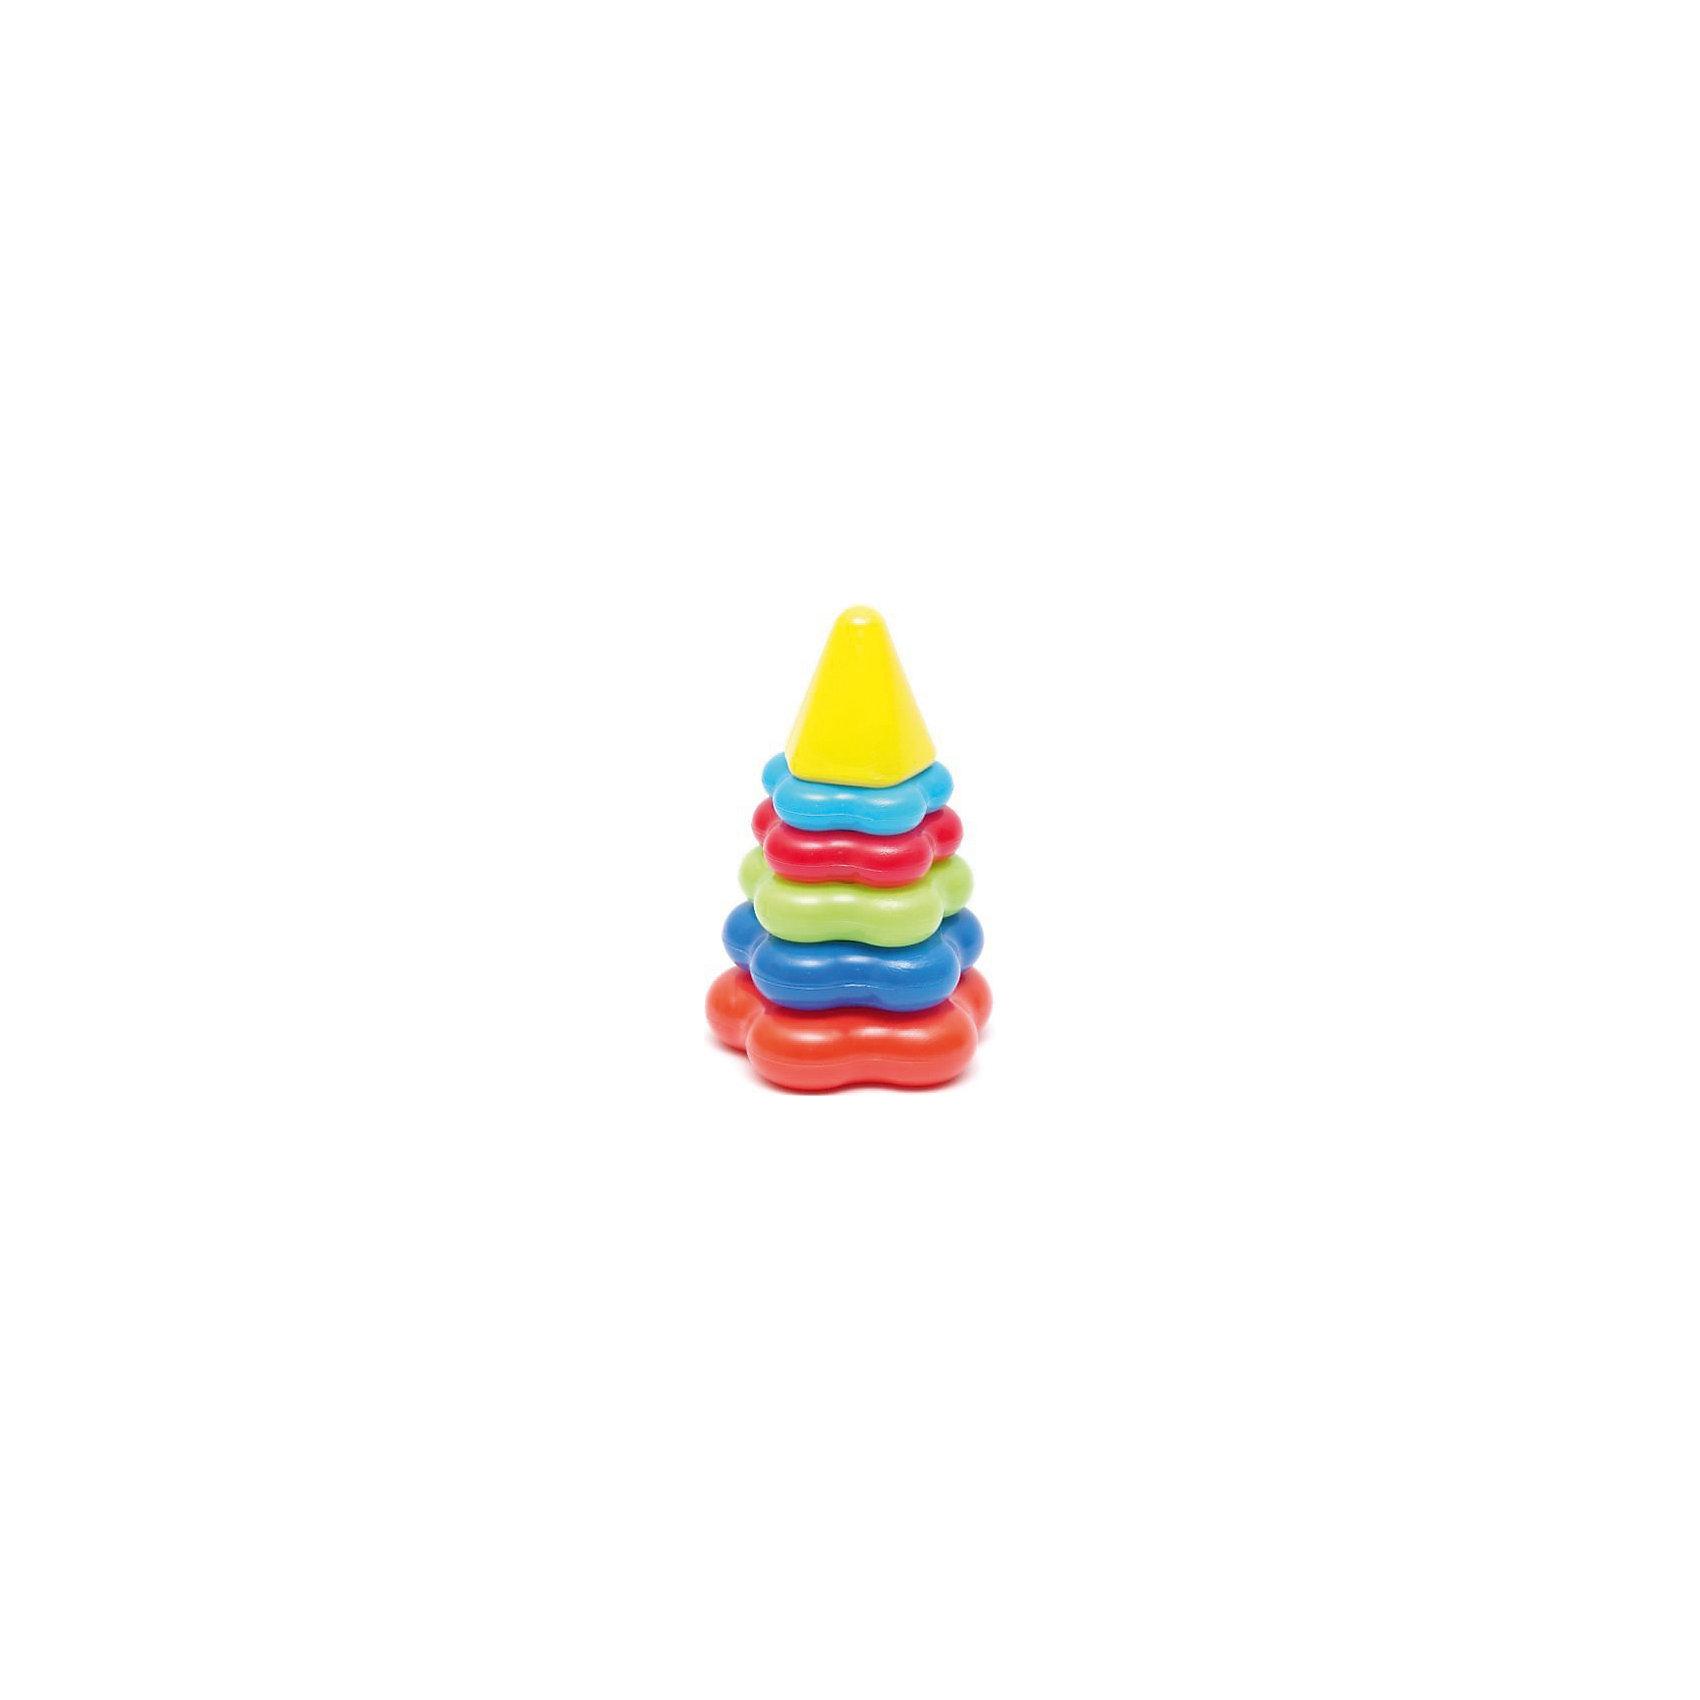 Пирамида, Karolina ToysПирамидки<br>Пирамида, Karolina Toys - традиционная пирамидка в ярком красочном исполнении непременно понравится Вашему малышу. Пирамидка состоит из стержня, пяти колечек в форме звездочек разного размера и верхушки. Пластиковые колечки с безопасными закругленными краями удобно держать в маленьких ручках и легко нанизывать на основание пирамидки. Игрушка выполнена из высококачественного экологичного материала. Прекрасно развивает логическое мышление, сообразительность, цветовосприятие и мелкую моторику рук.<br>                         <br>Дополнительная информация:<br><br>- Материал: пластик. <br>- Высота пирамидки: 17 см.<br>- Размер упаковки: 17 х 10 х 10 см.<br>- Вес: 110 гр.<br><br>Пирамиду, Karolina Toys, можно купить в нашем интернет-магазине.<br><br>Ширина мм: 105<br>Глубина мм: 170<br>Высота мм: 105<br>Вес г: 80<br>Возраст от месяцев: 12<br>Возраст до месяцев: 60<br>Пол: Унисекс<br>Возраст: Детский<br>SKU: 4627946